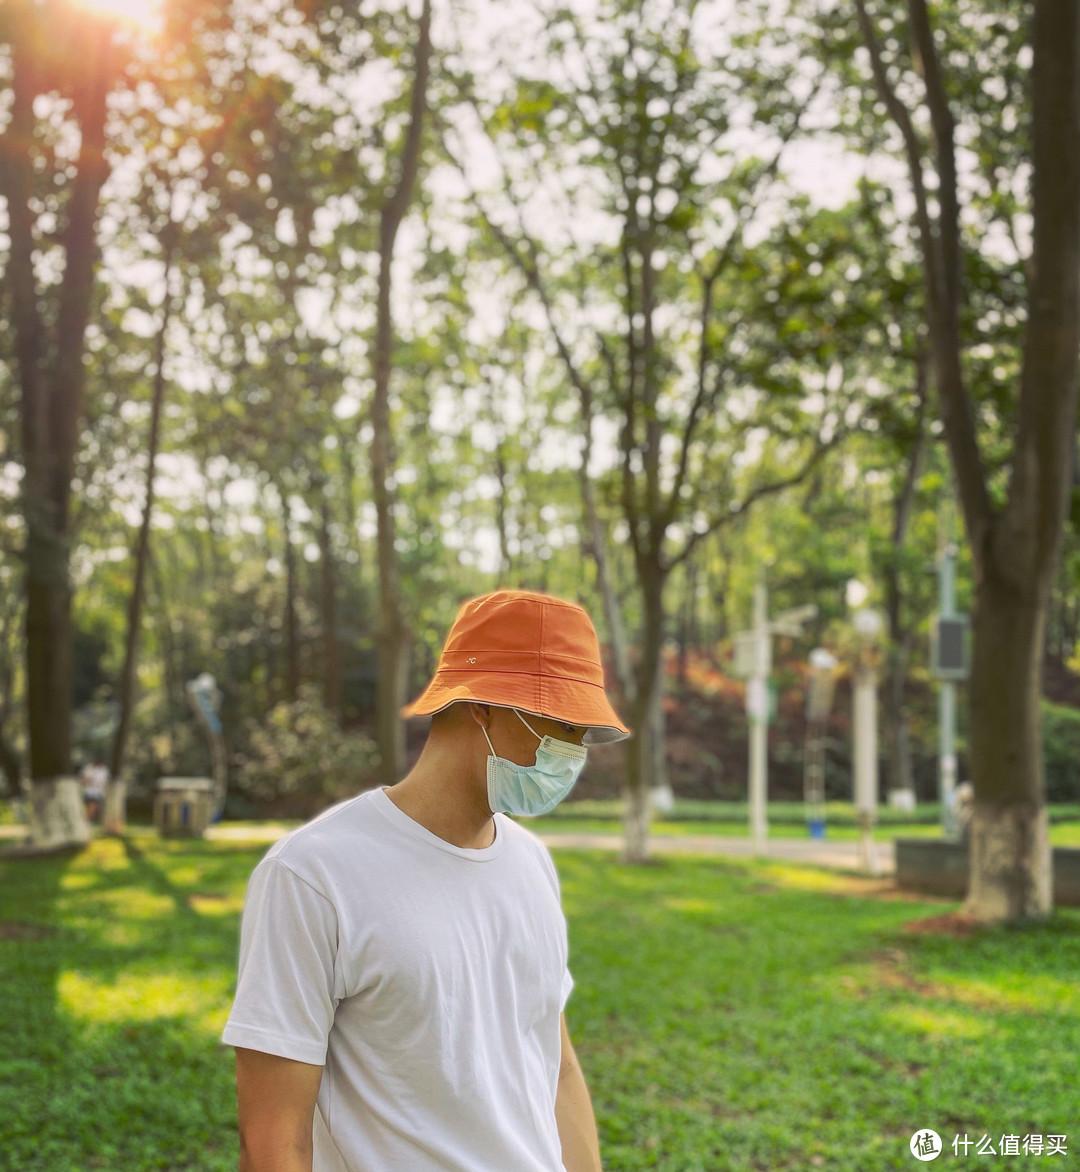 渔夫帽款式,适合更日常休闲感穿戴,夏日必备时尚单品